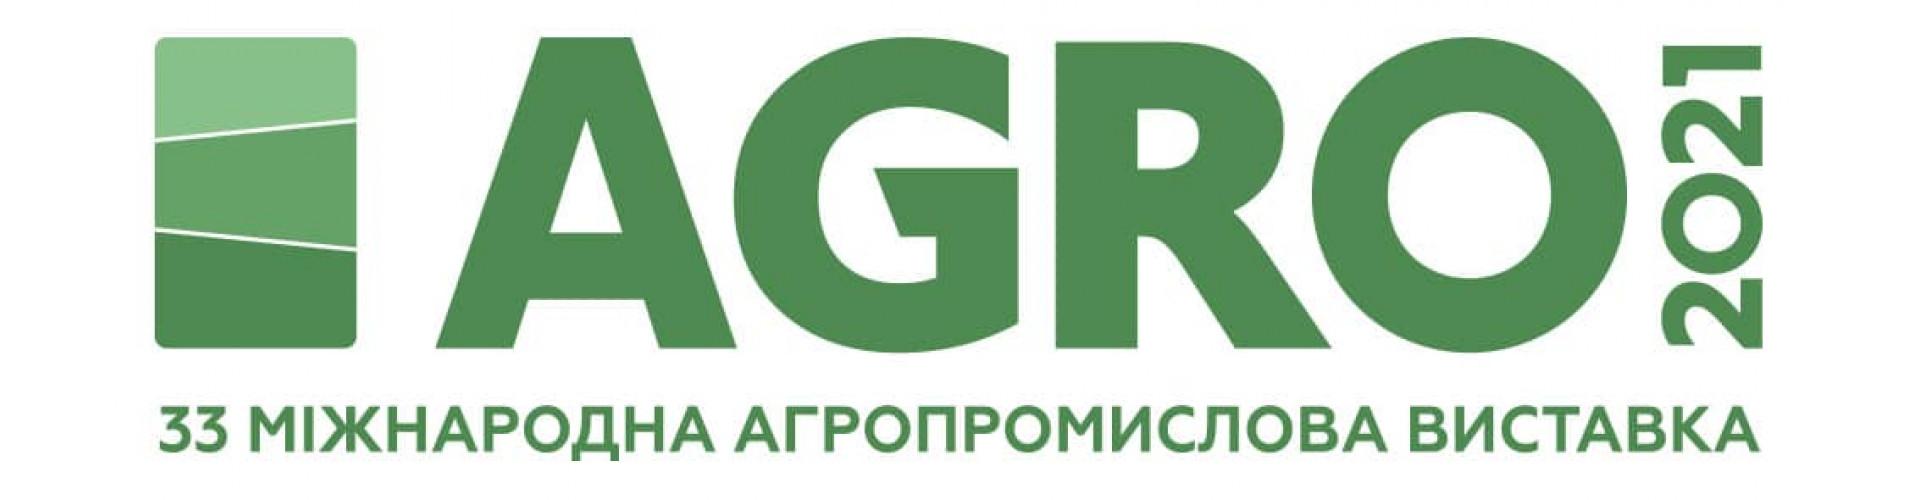 Участие в агропромышленной выставке АГРО-2021 г.Киев